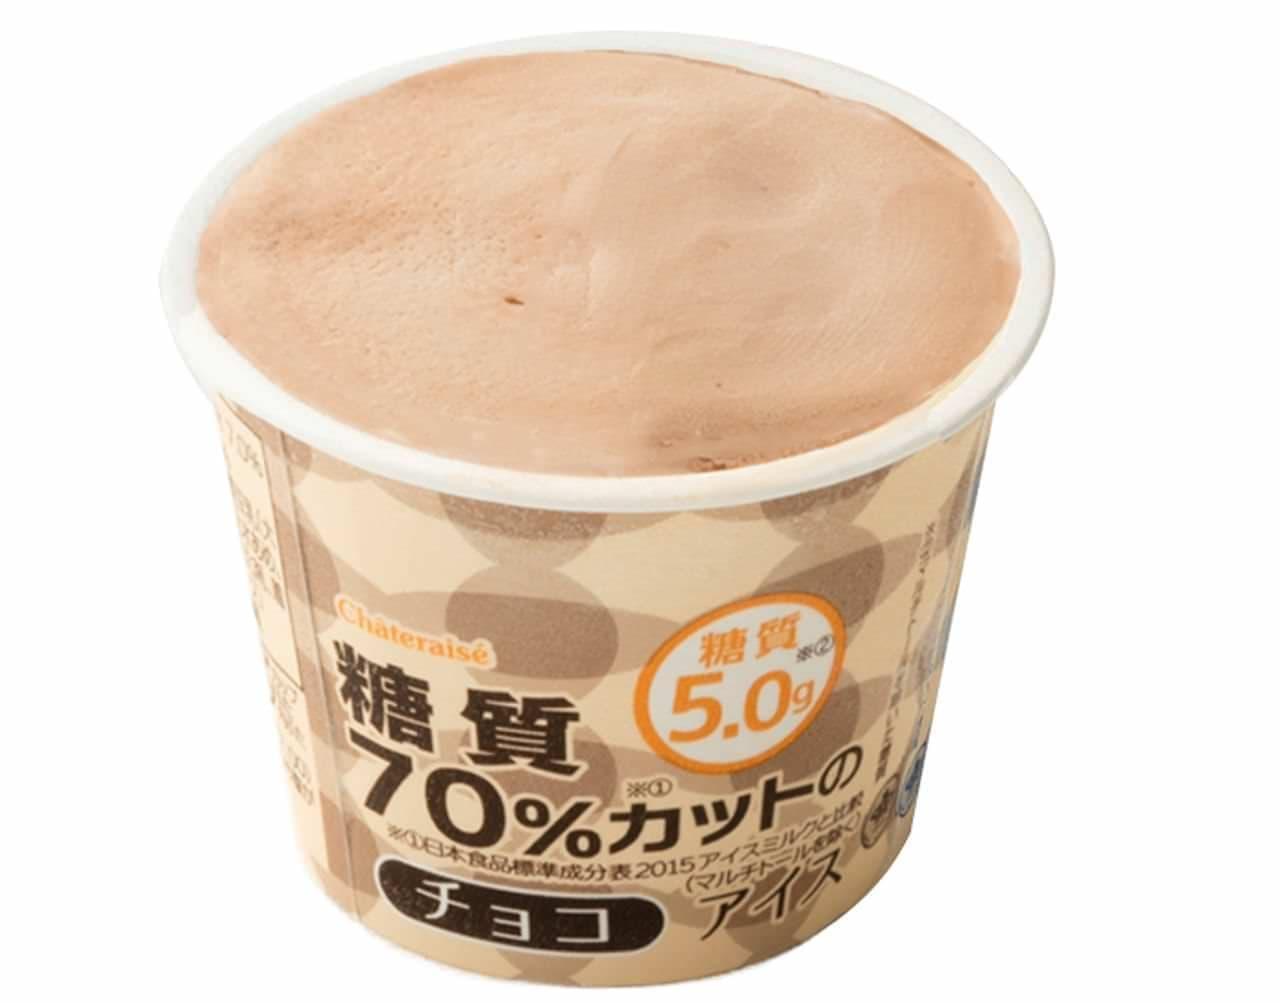 シャトレーゼ「糖質70%カットのアイス チョコ」